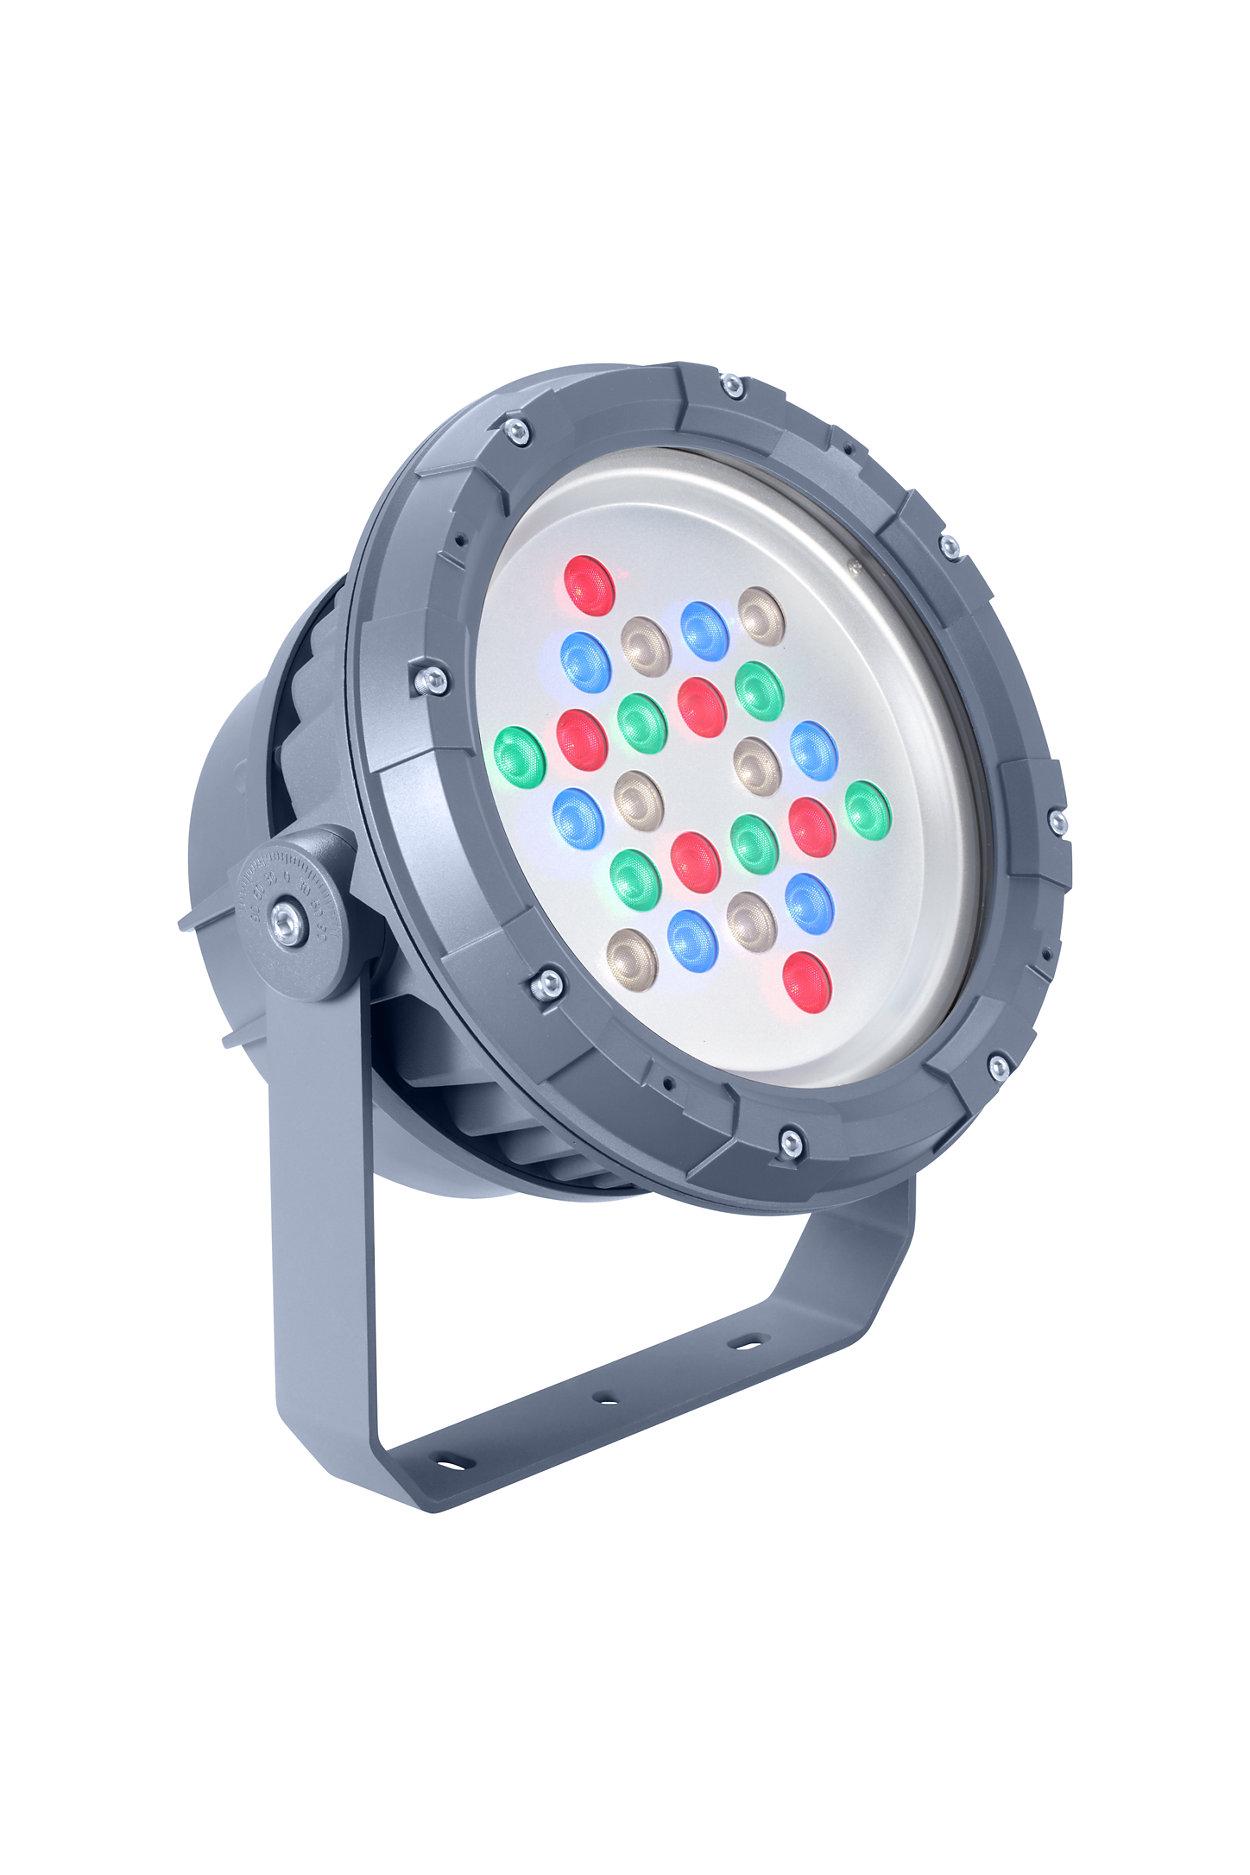 Proyector de LED arquitectónico para iluminación fija o dinámica.